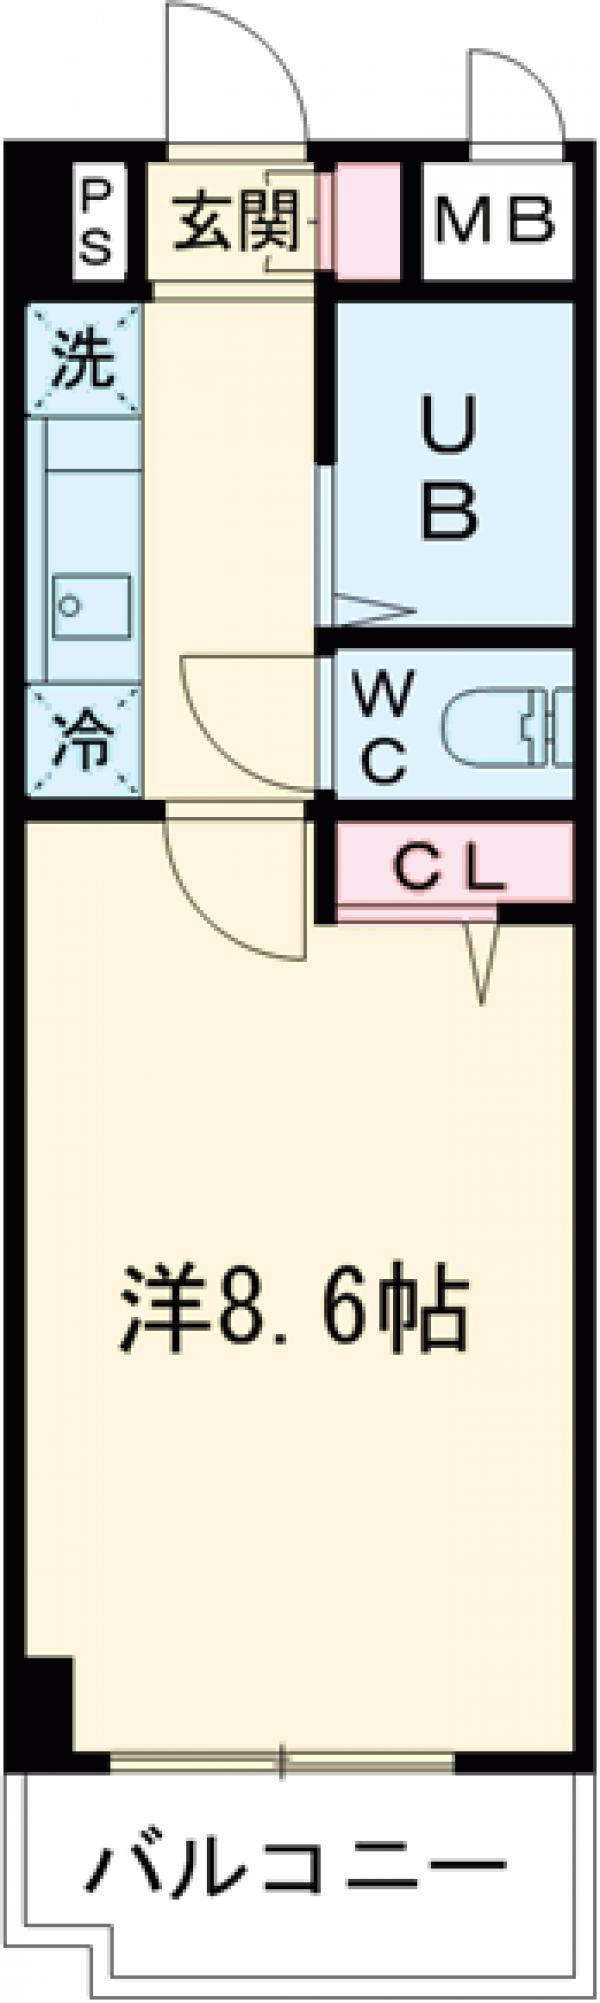 阿部松島マンション・105号室の間取り